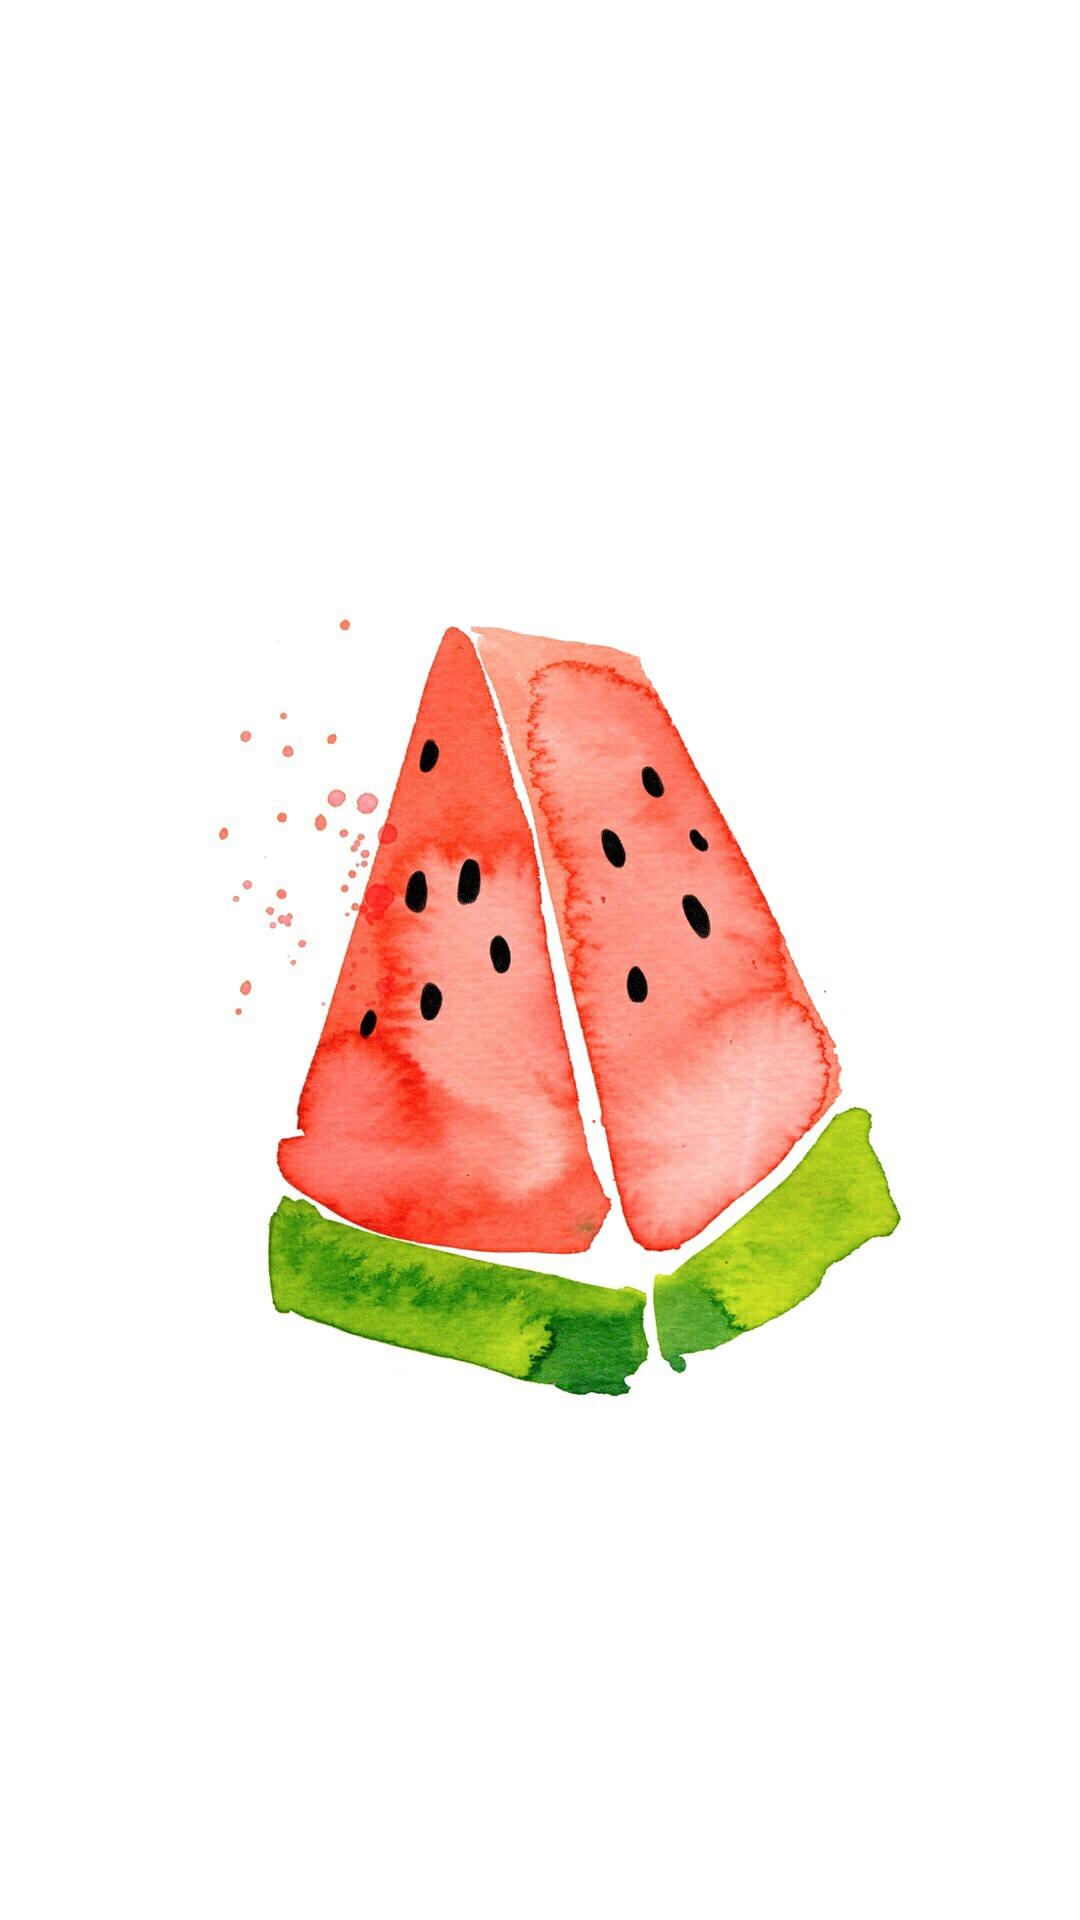 可爱 手绘 水彩 西瓜